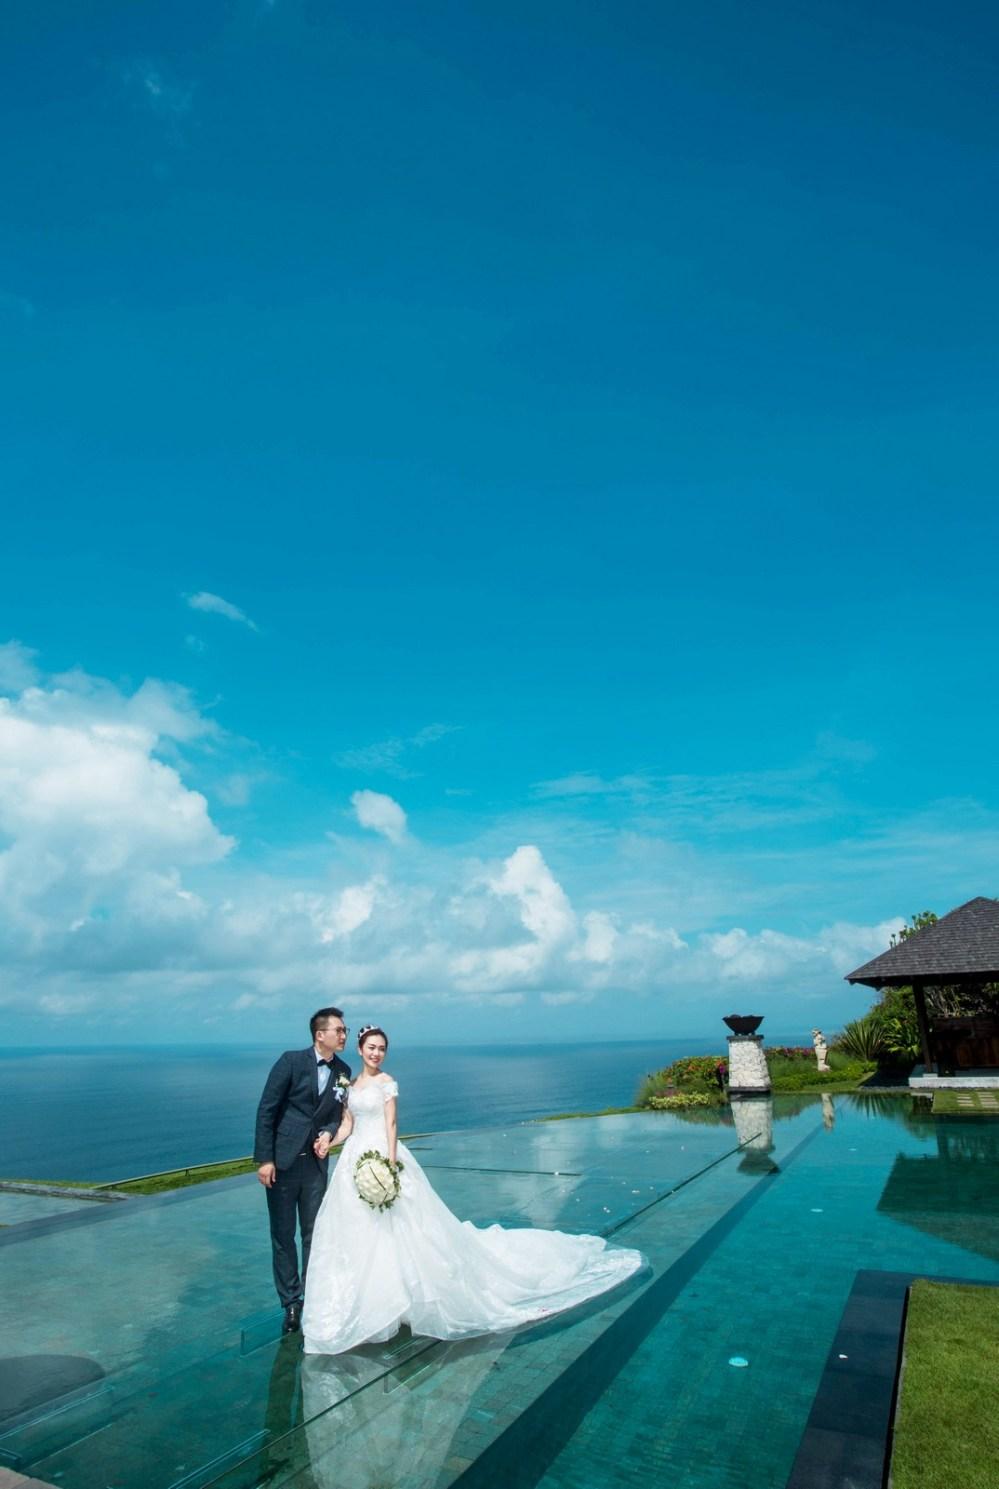 バリ島 Bali    海外の結婚式の前攝 寫真集